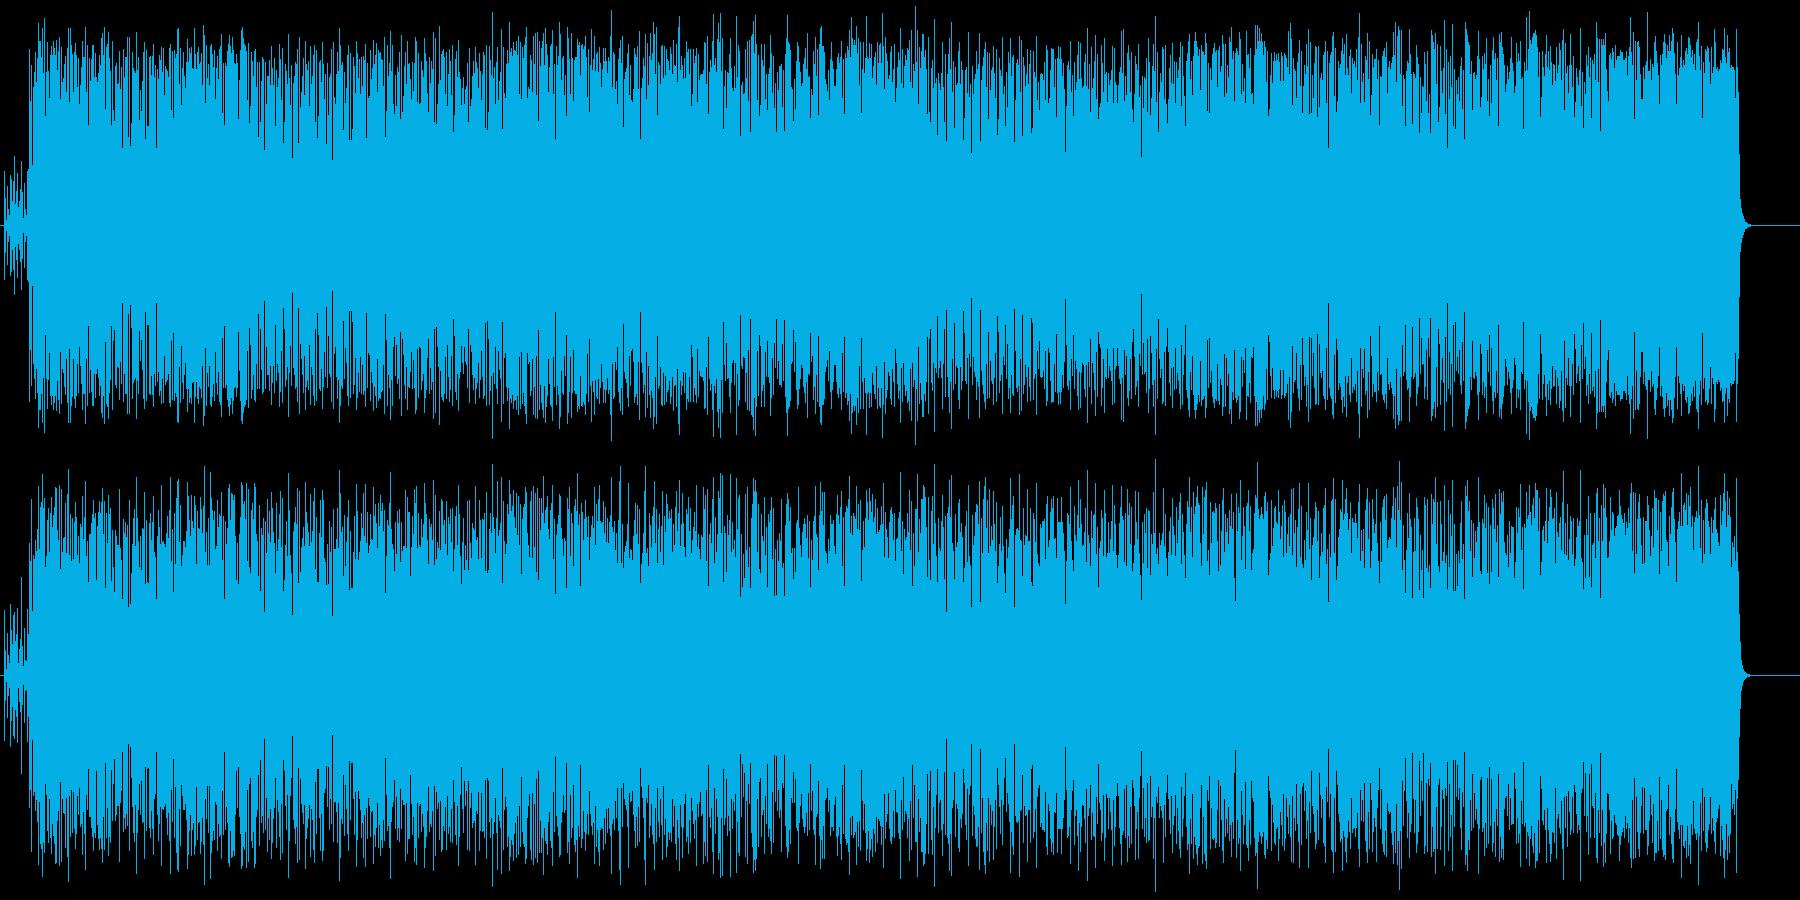 新時代を築き上げるファンク/テクノの再生済みの波形